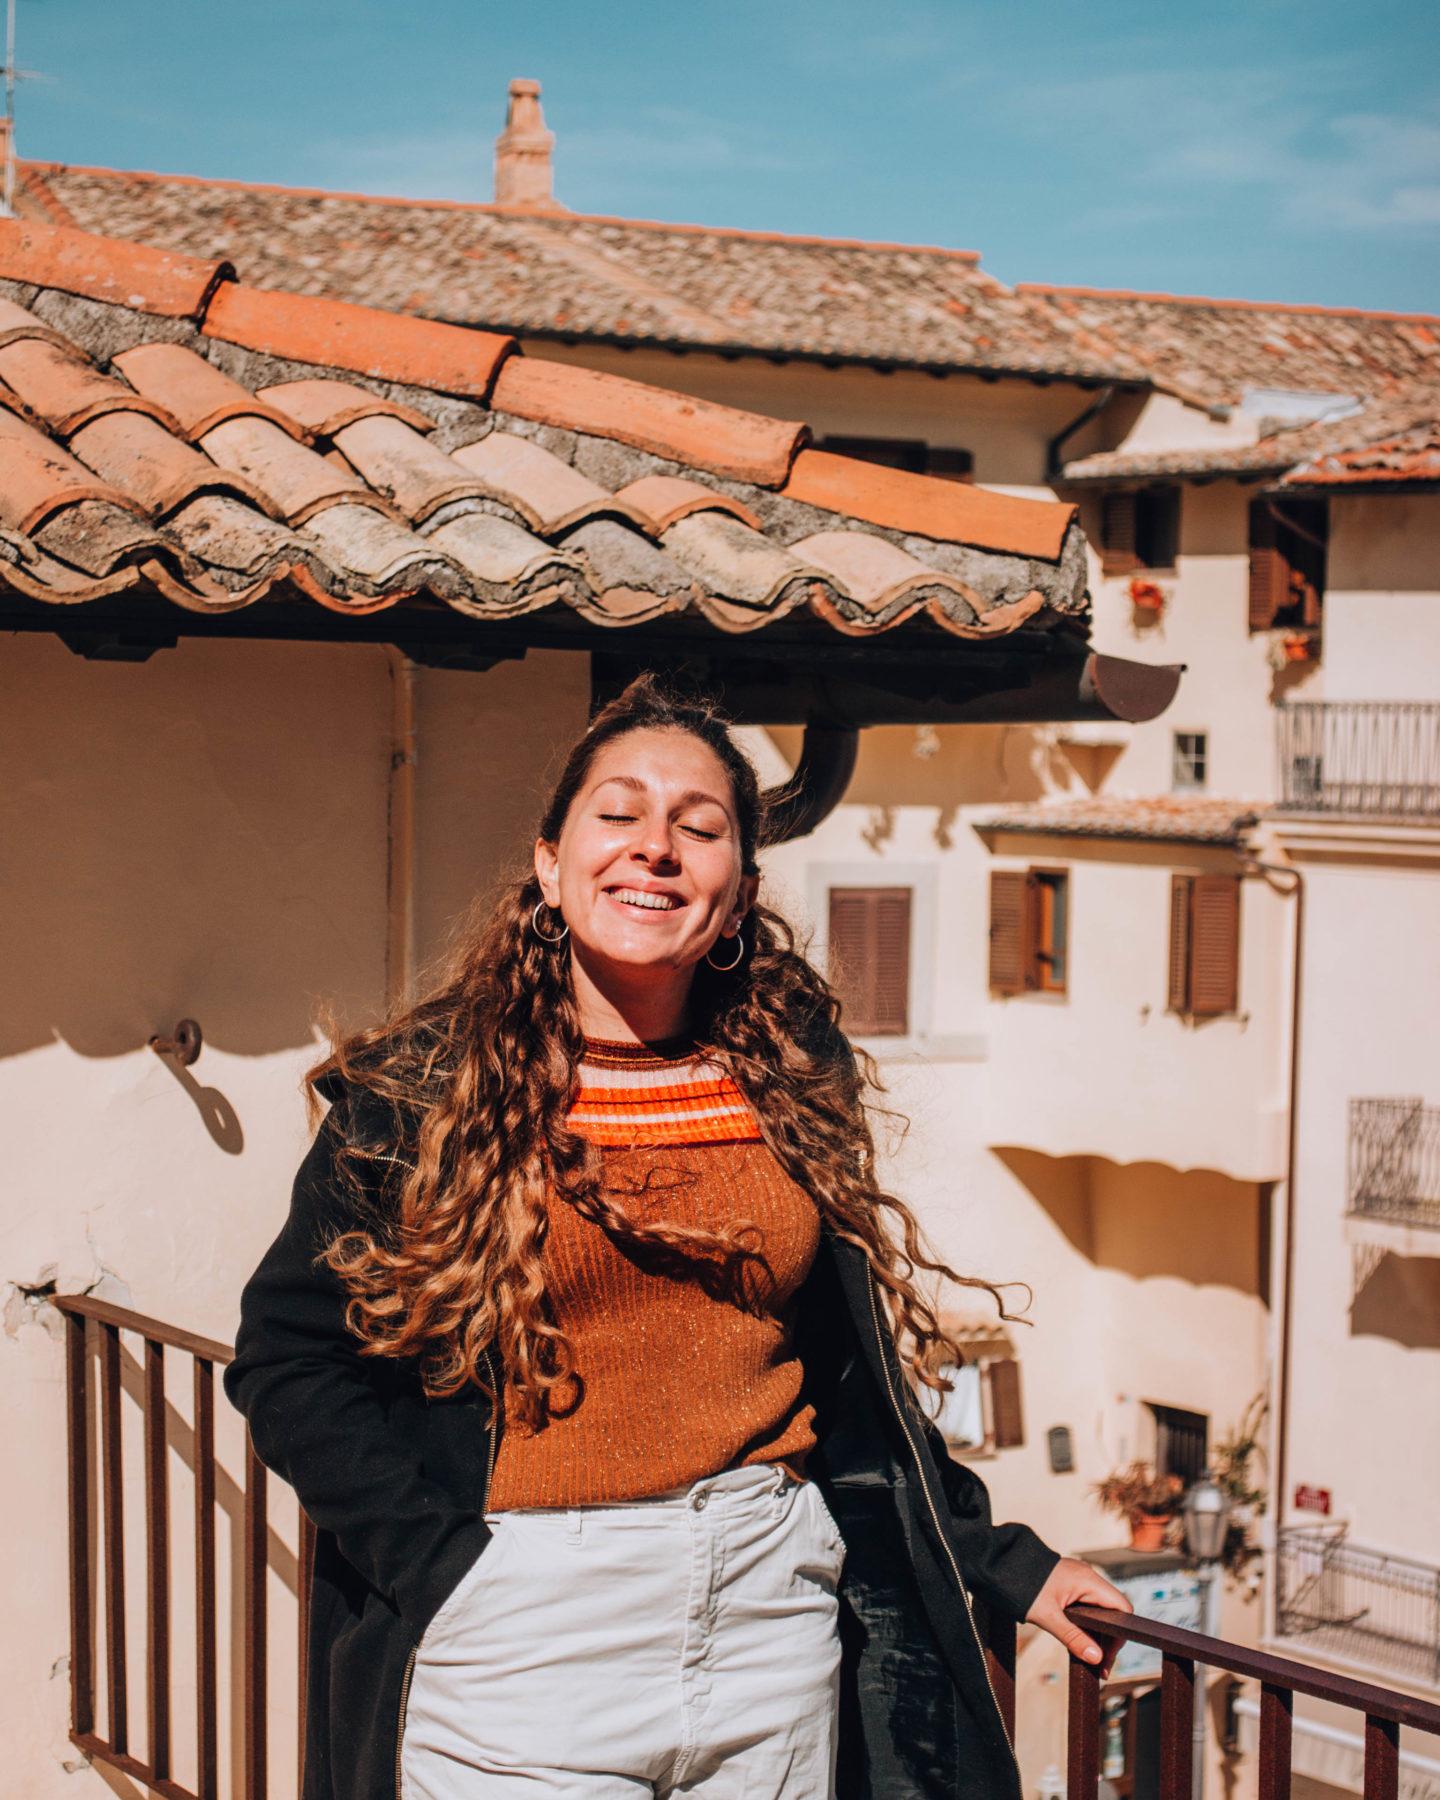 ragazza con maglia arancione e sole in faccia